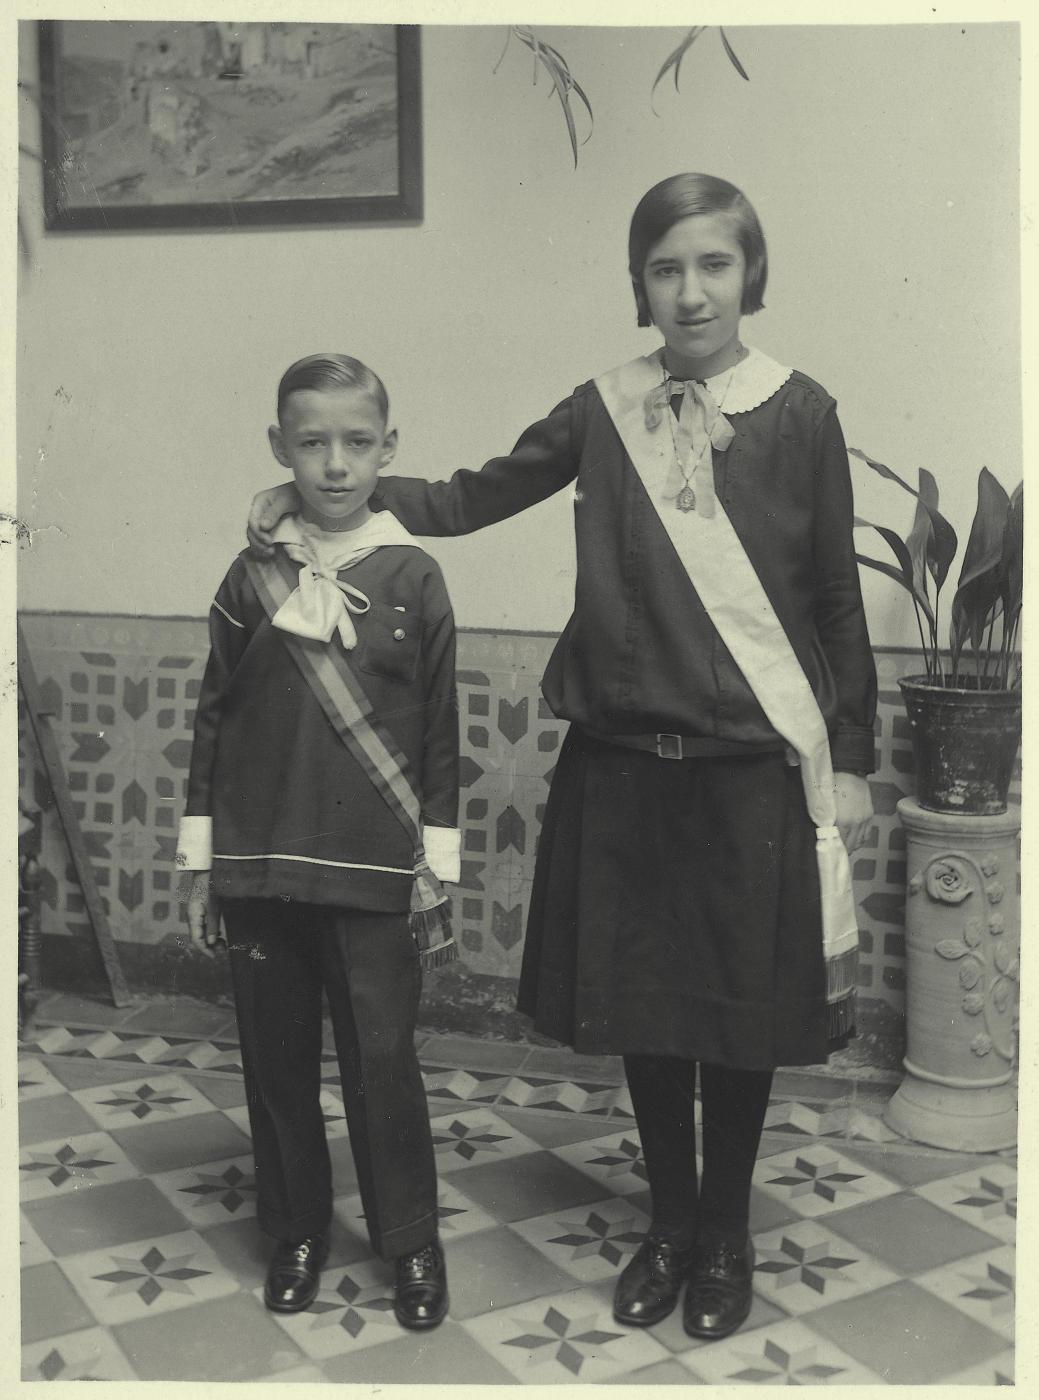 zg.-Pedro y Antonia  con el uniforme de ursulinas 1929